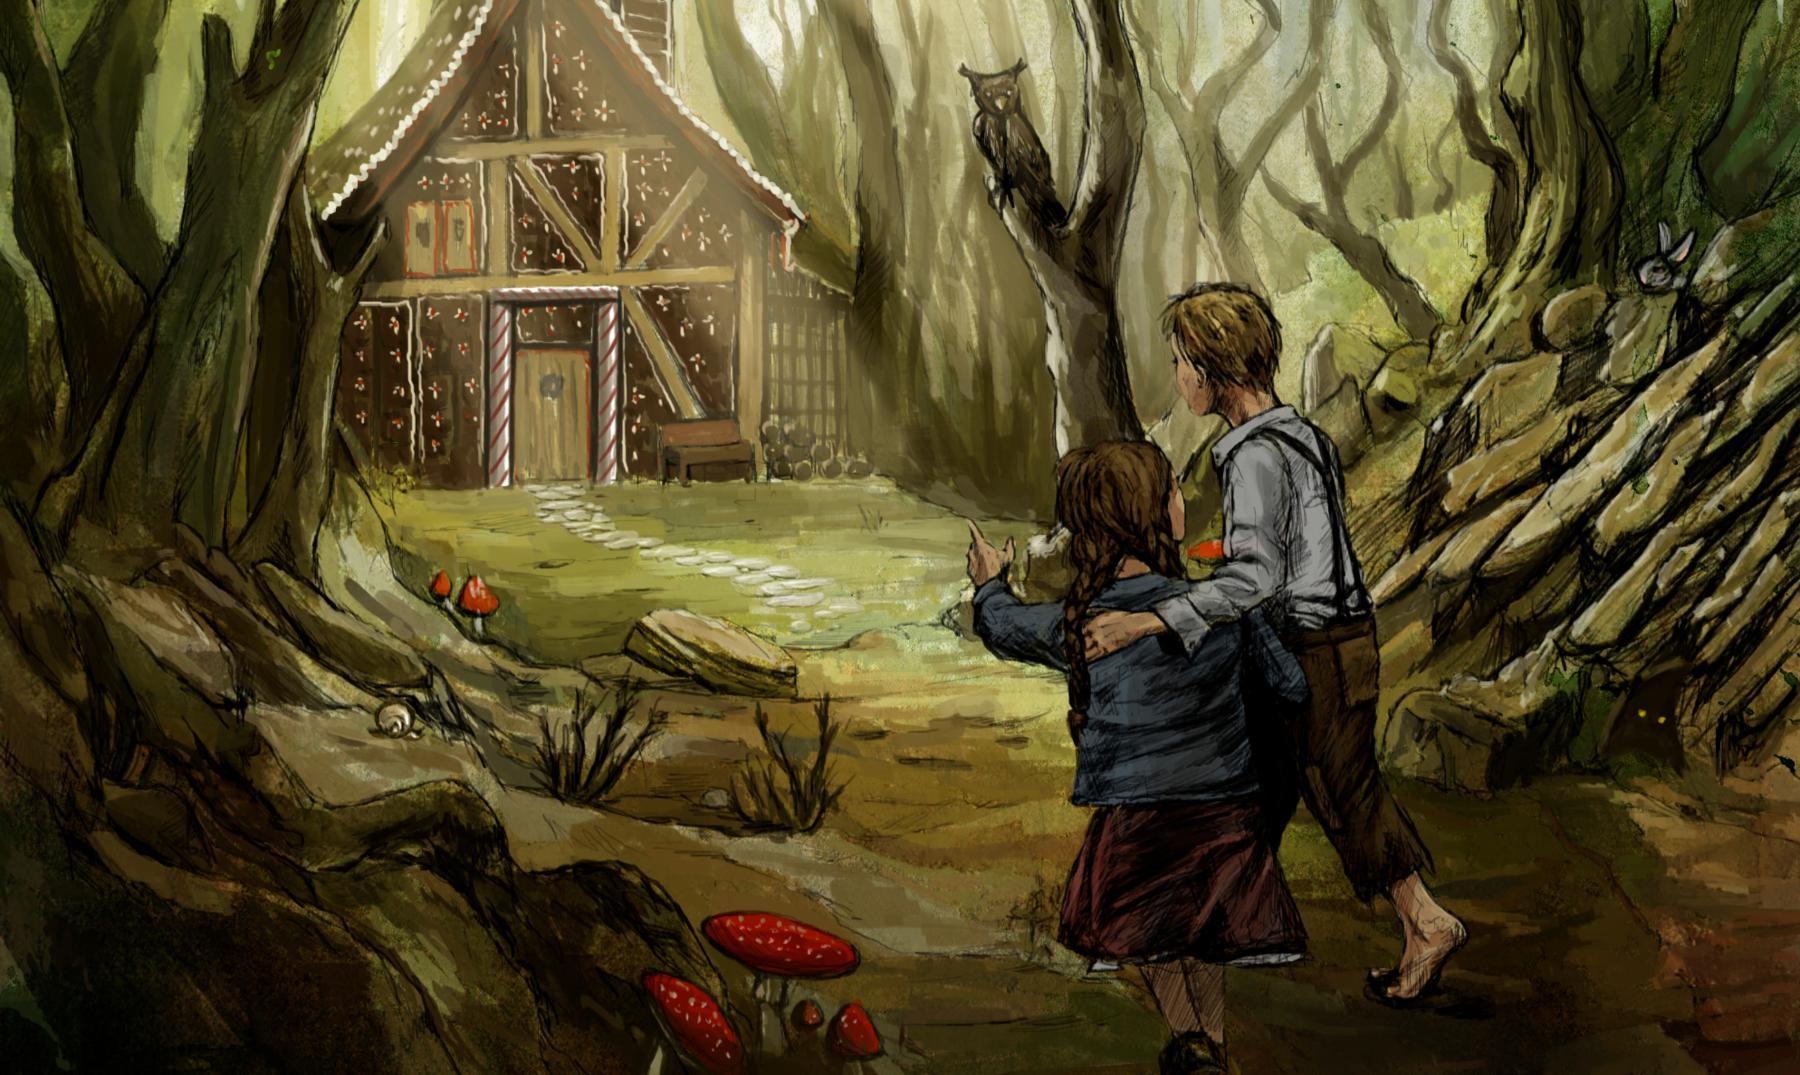 La verdadera historia de Hansel y Gretel